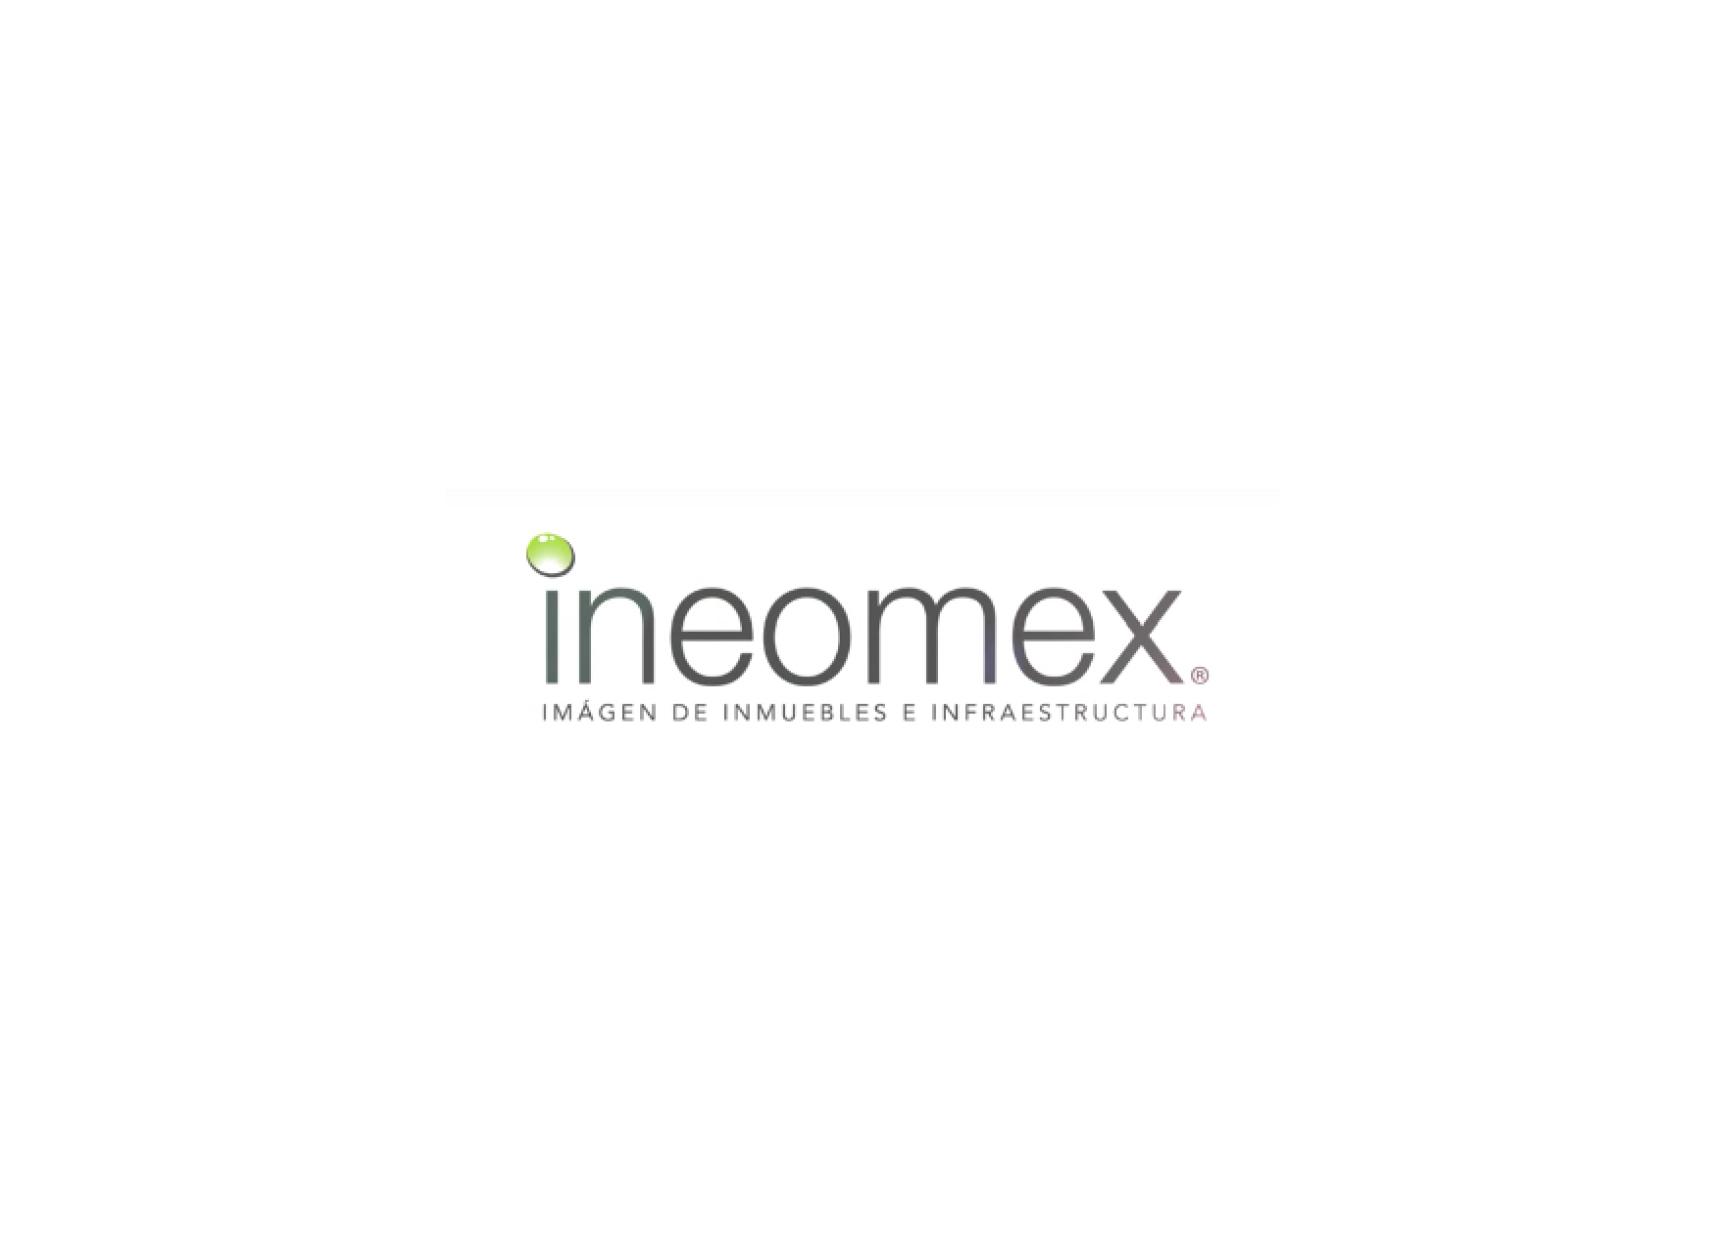 before ineomex logo redesign rebranding design agency.jpg